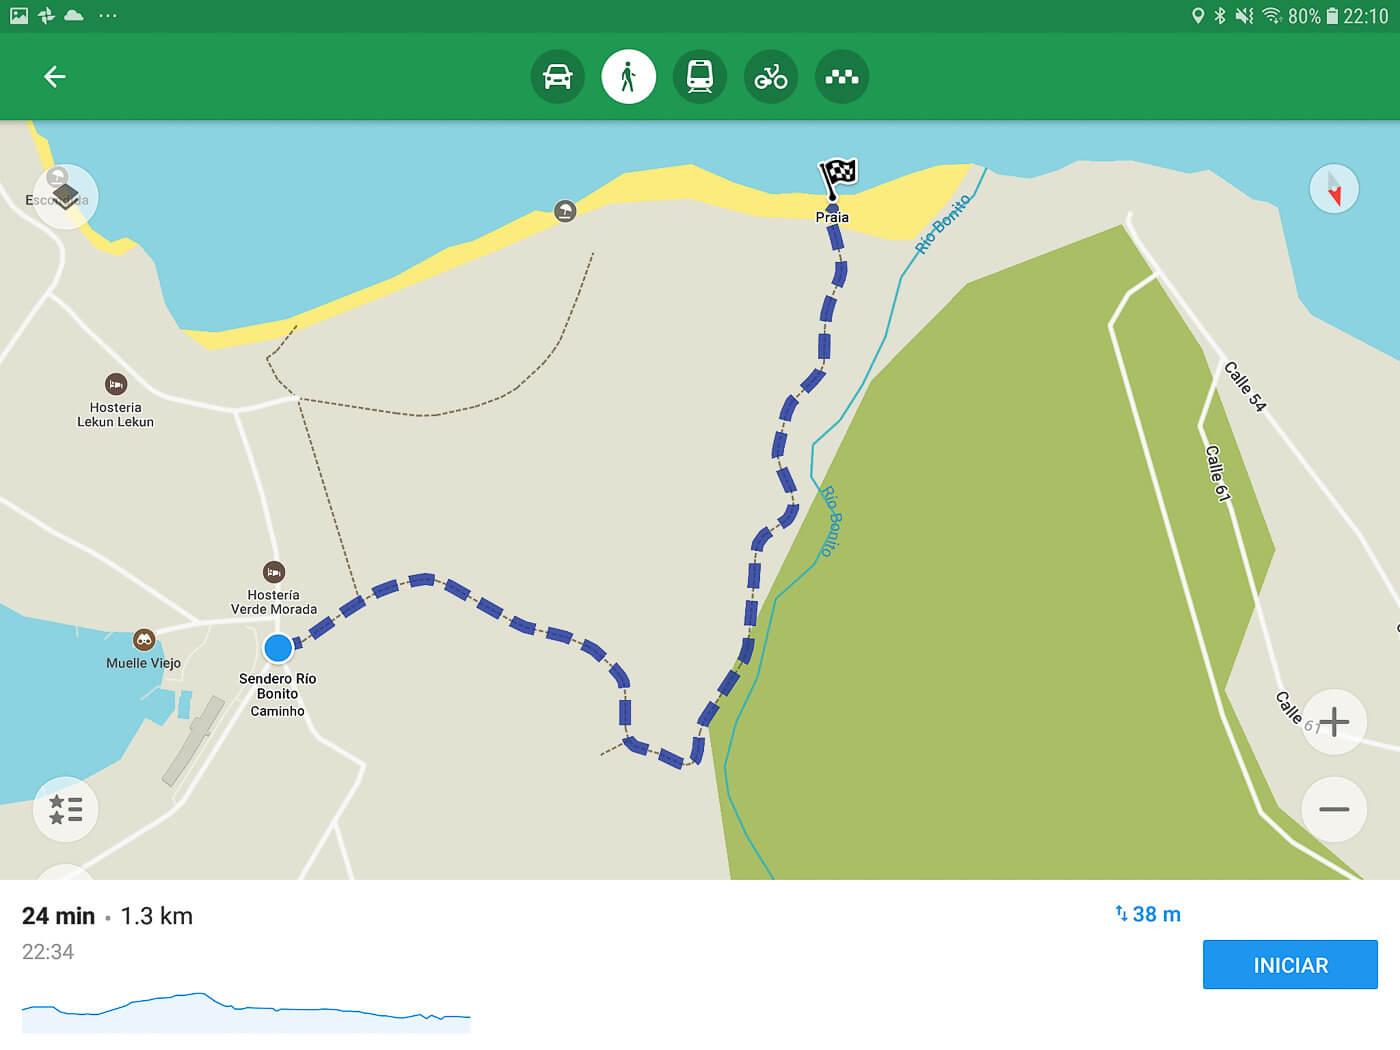 Melhor app para trilhas e viagens